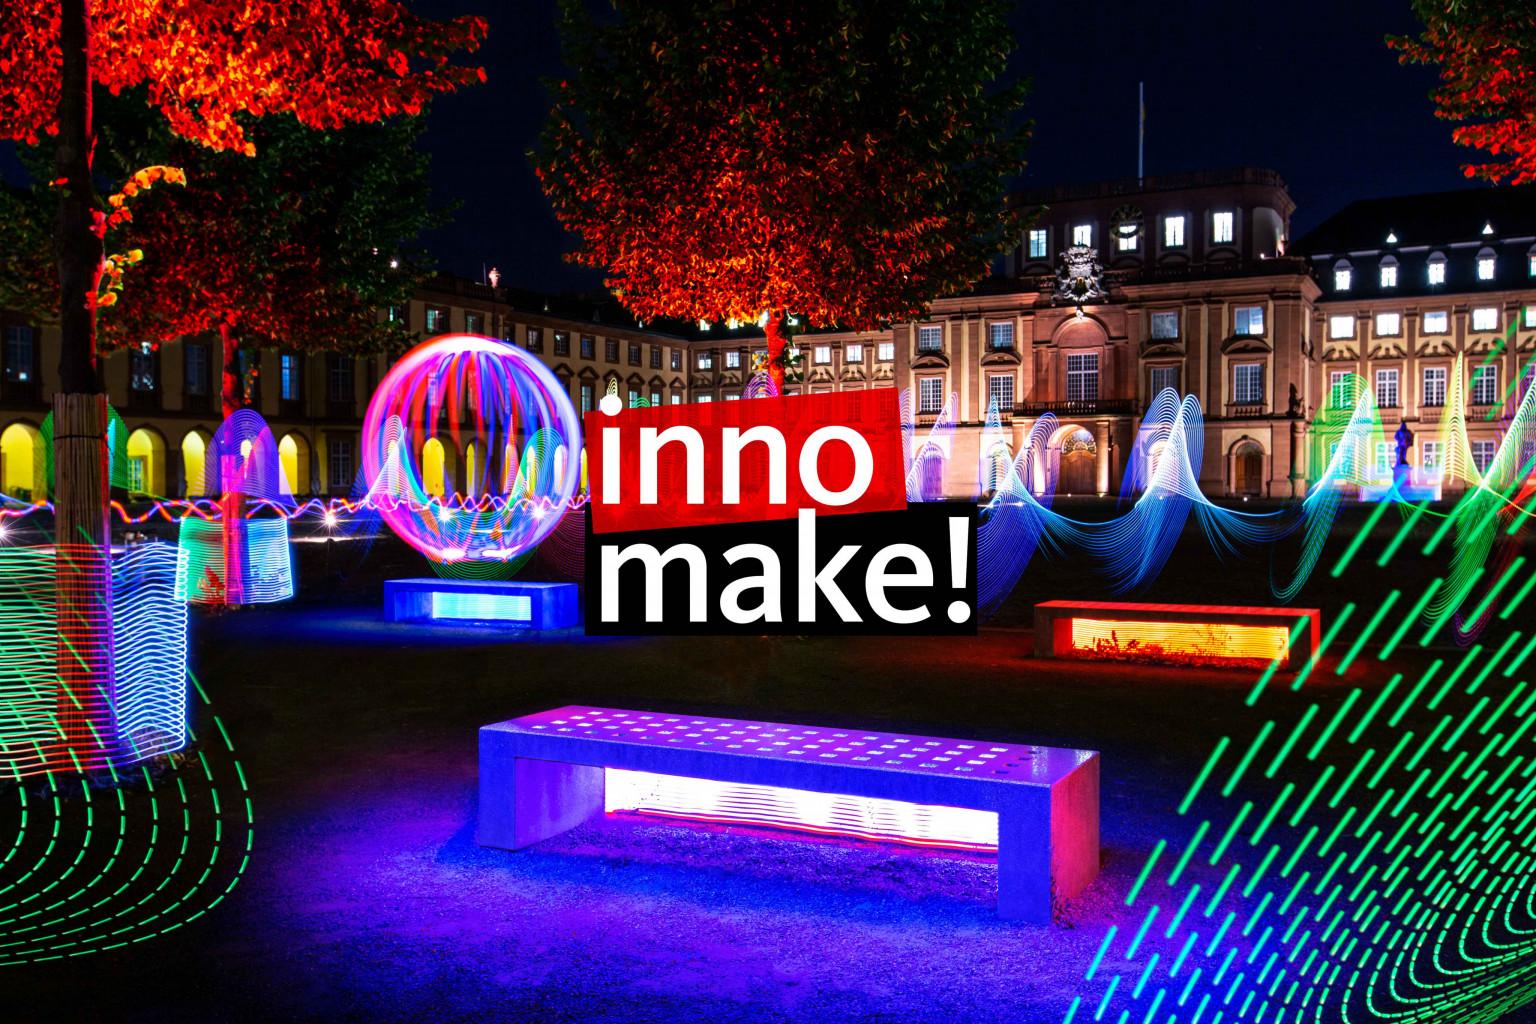 Diese Veranstaltung Teil des Innovationsfestivals innomake! : https://innovationsfestival-mannheim.de/